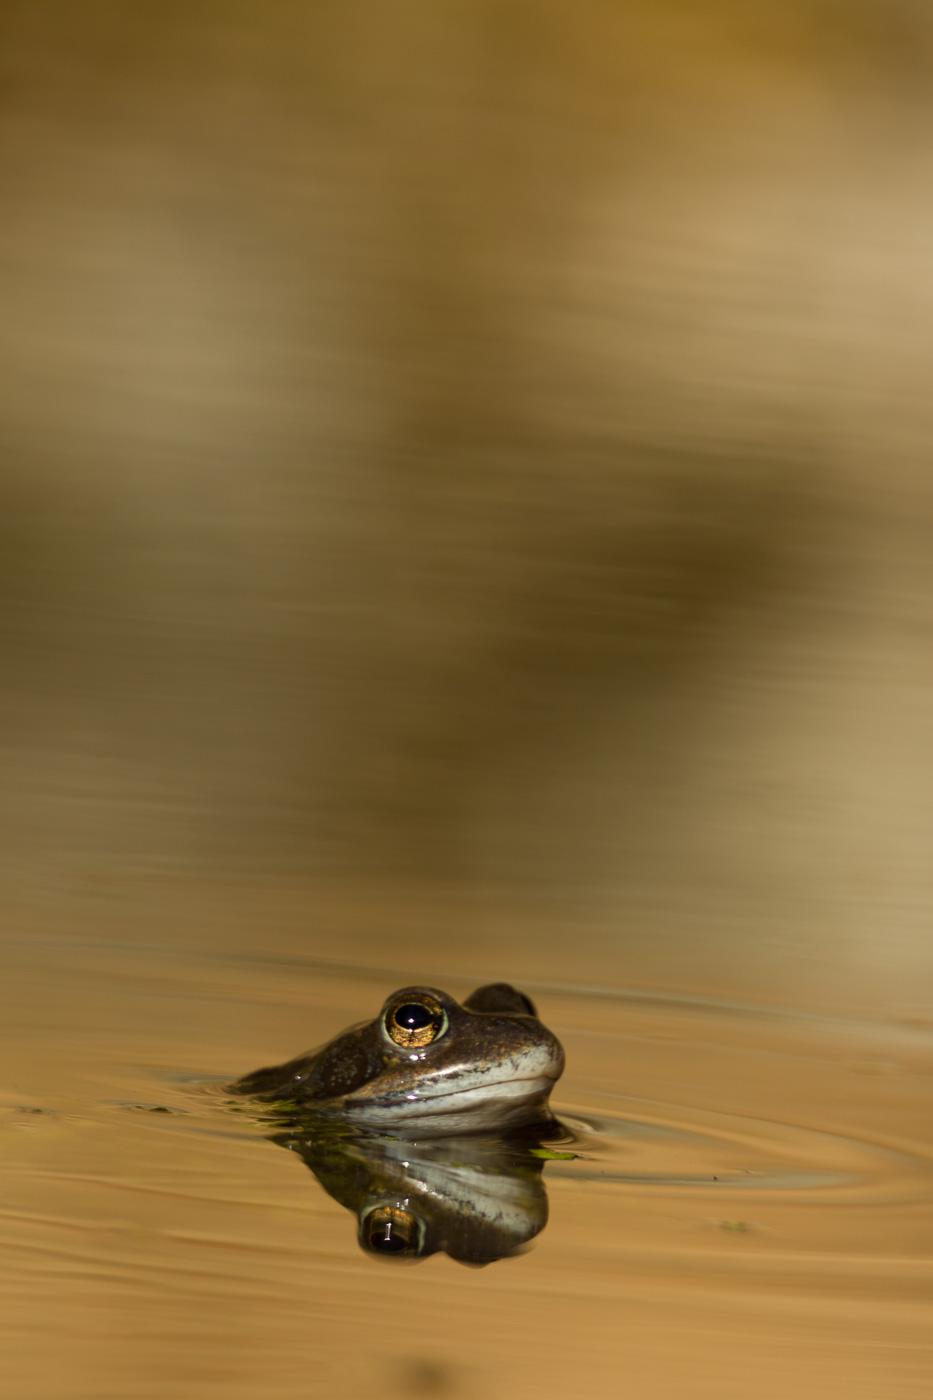 Granota roja - Fauna salvatge - Raül Carmona - Fotografia, Fotografia d'estudi, esdeveniments i Natura